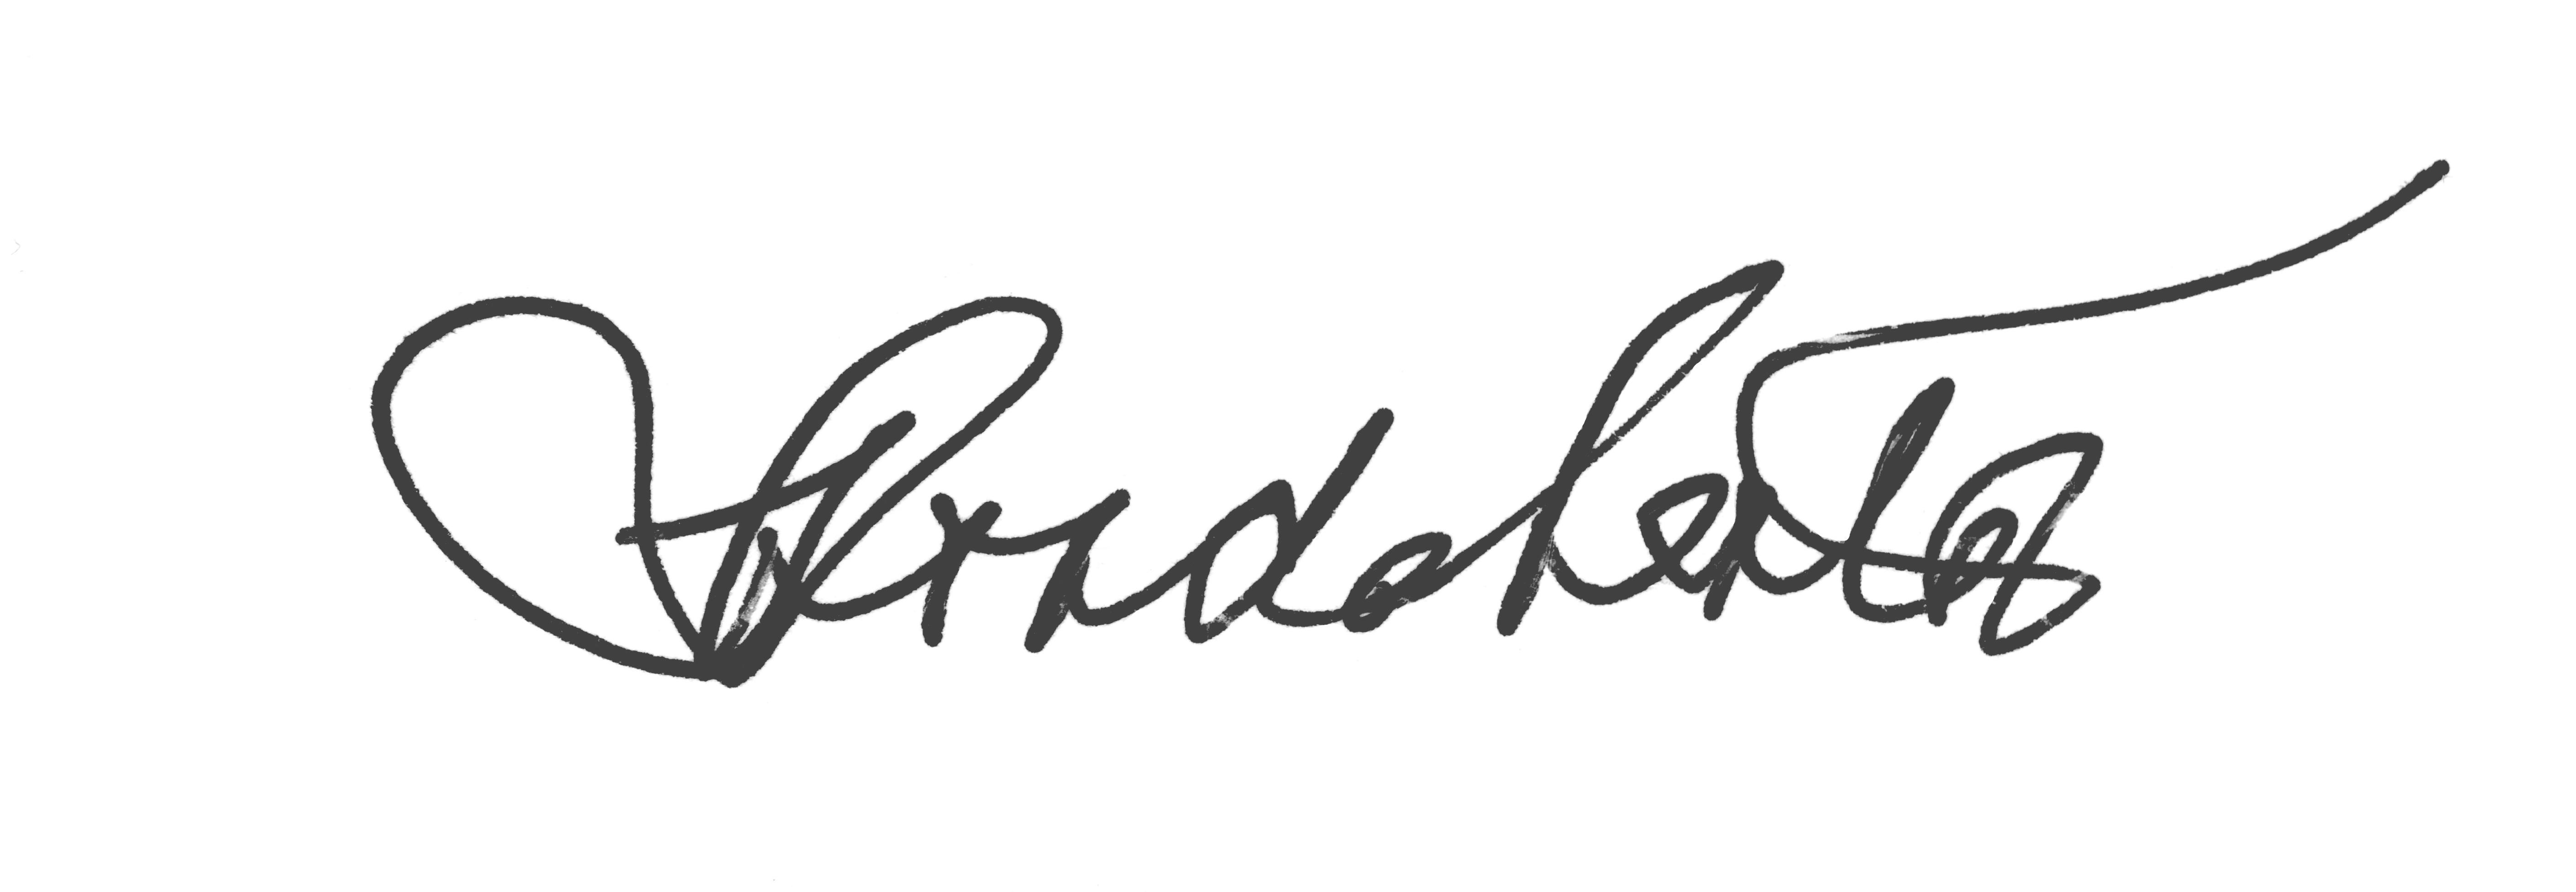 Rhonda Lenton signature